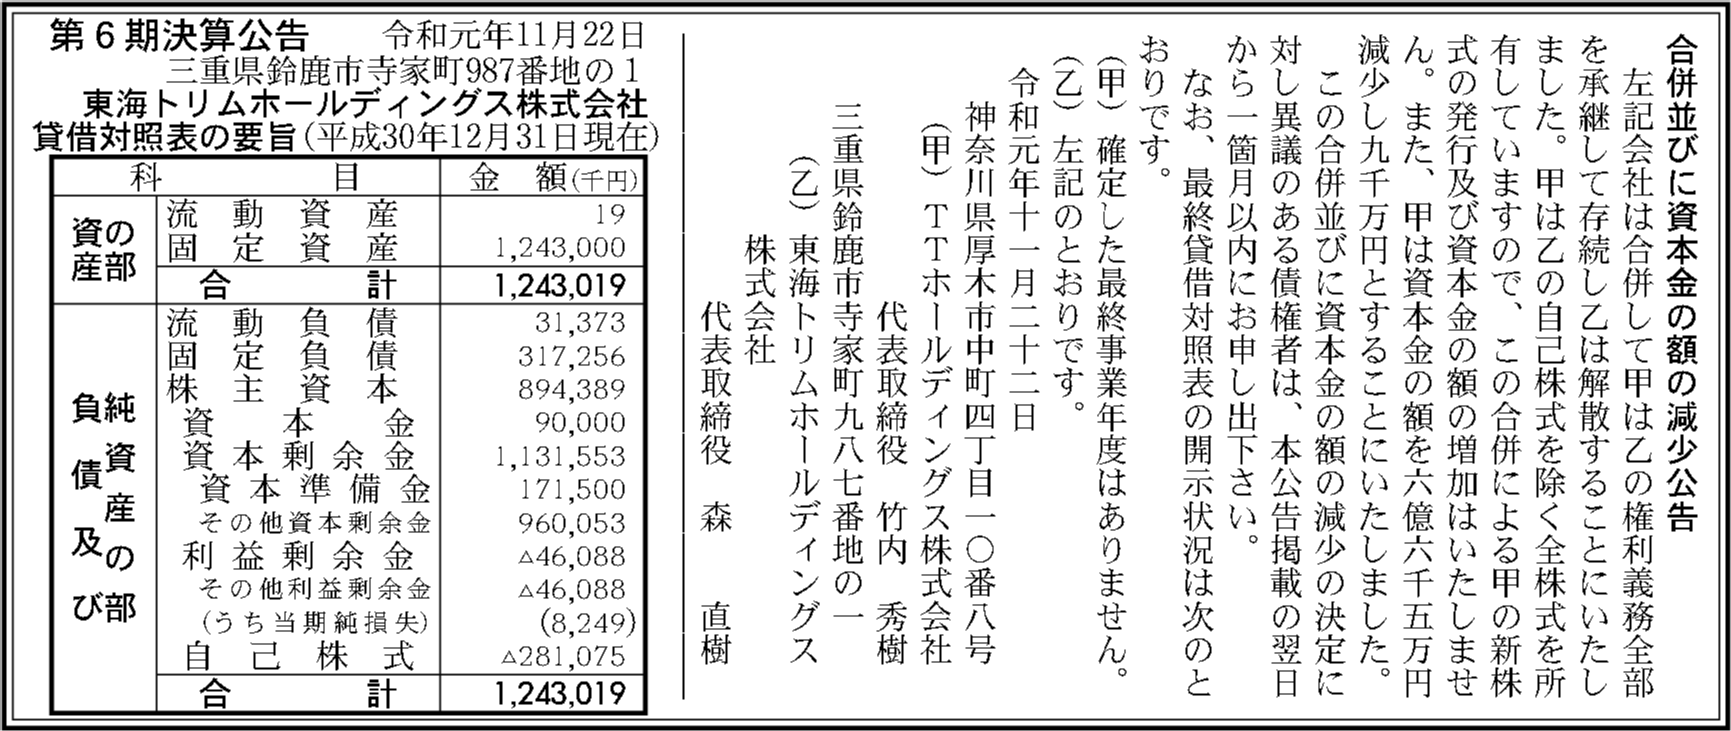 0154 350334b238e85478e3decc67ef41edadf099e0561981931e5b1212dcc372517ed775ff6657305450acb690c75466a29dd524b54f40887a291c3f3994ab43788b 03